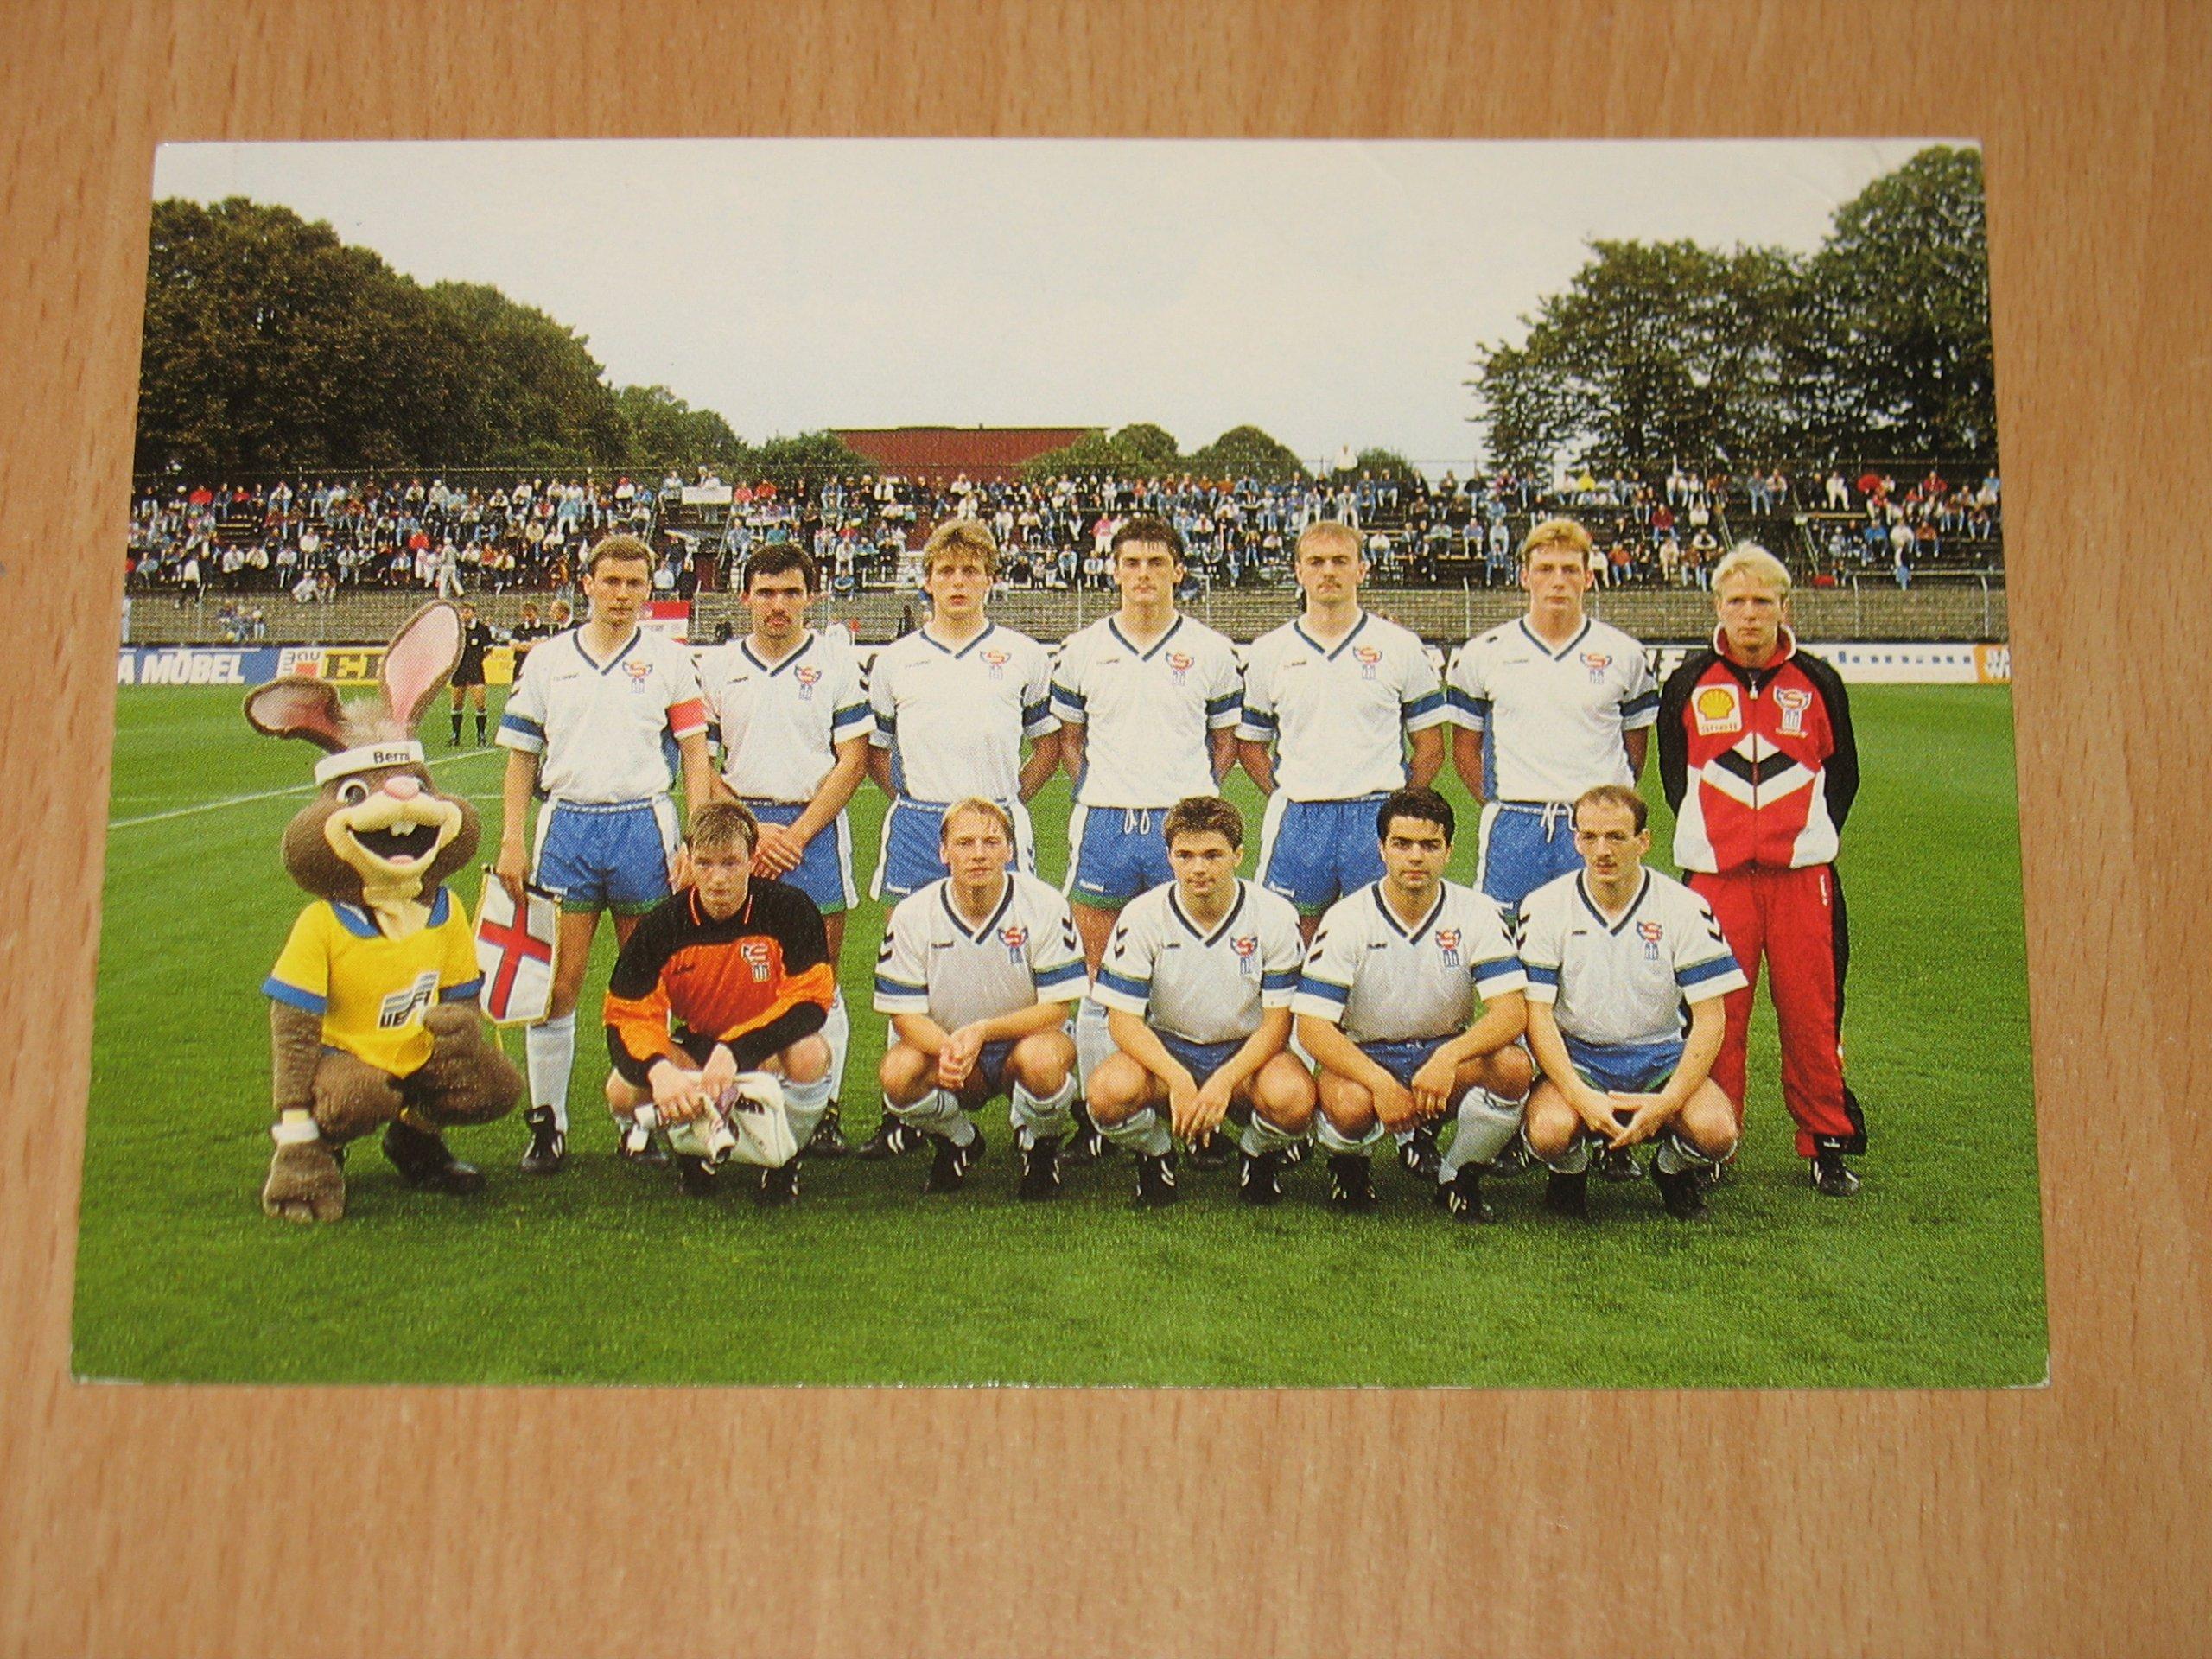 Piłka nożna - fotos zespołu Wyspy Owcze 1990 rok